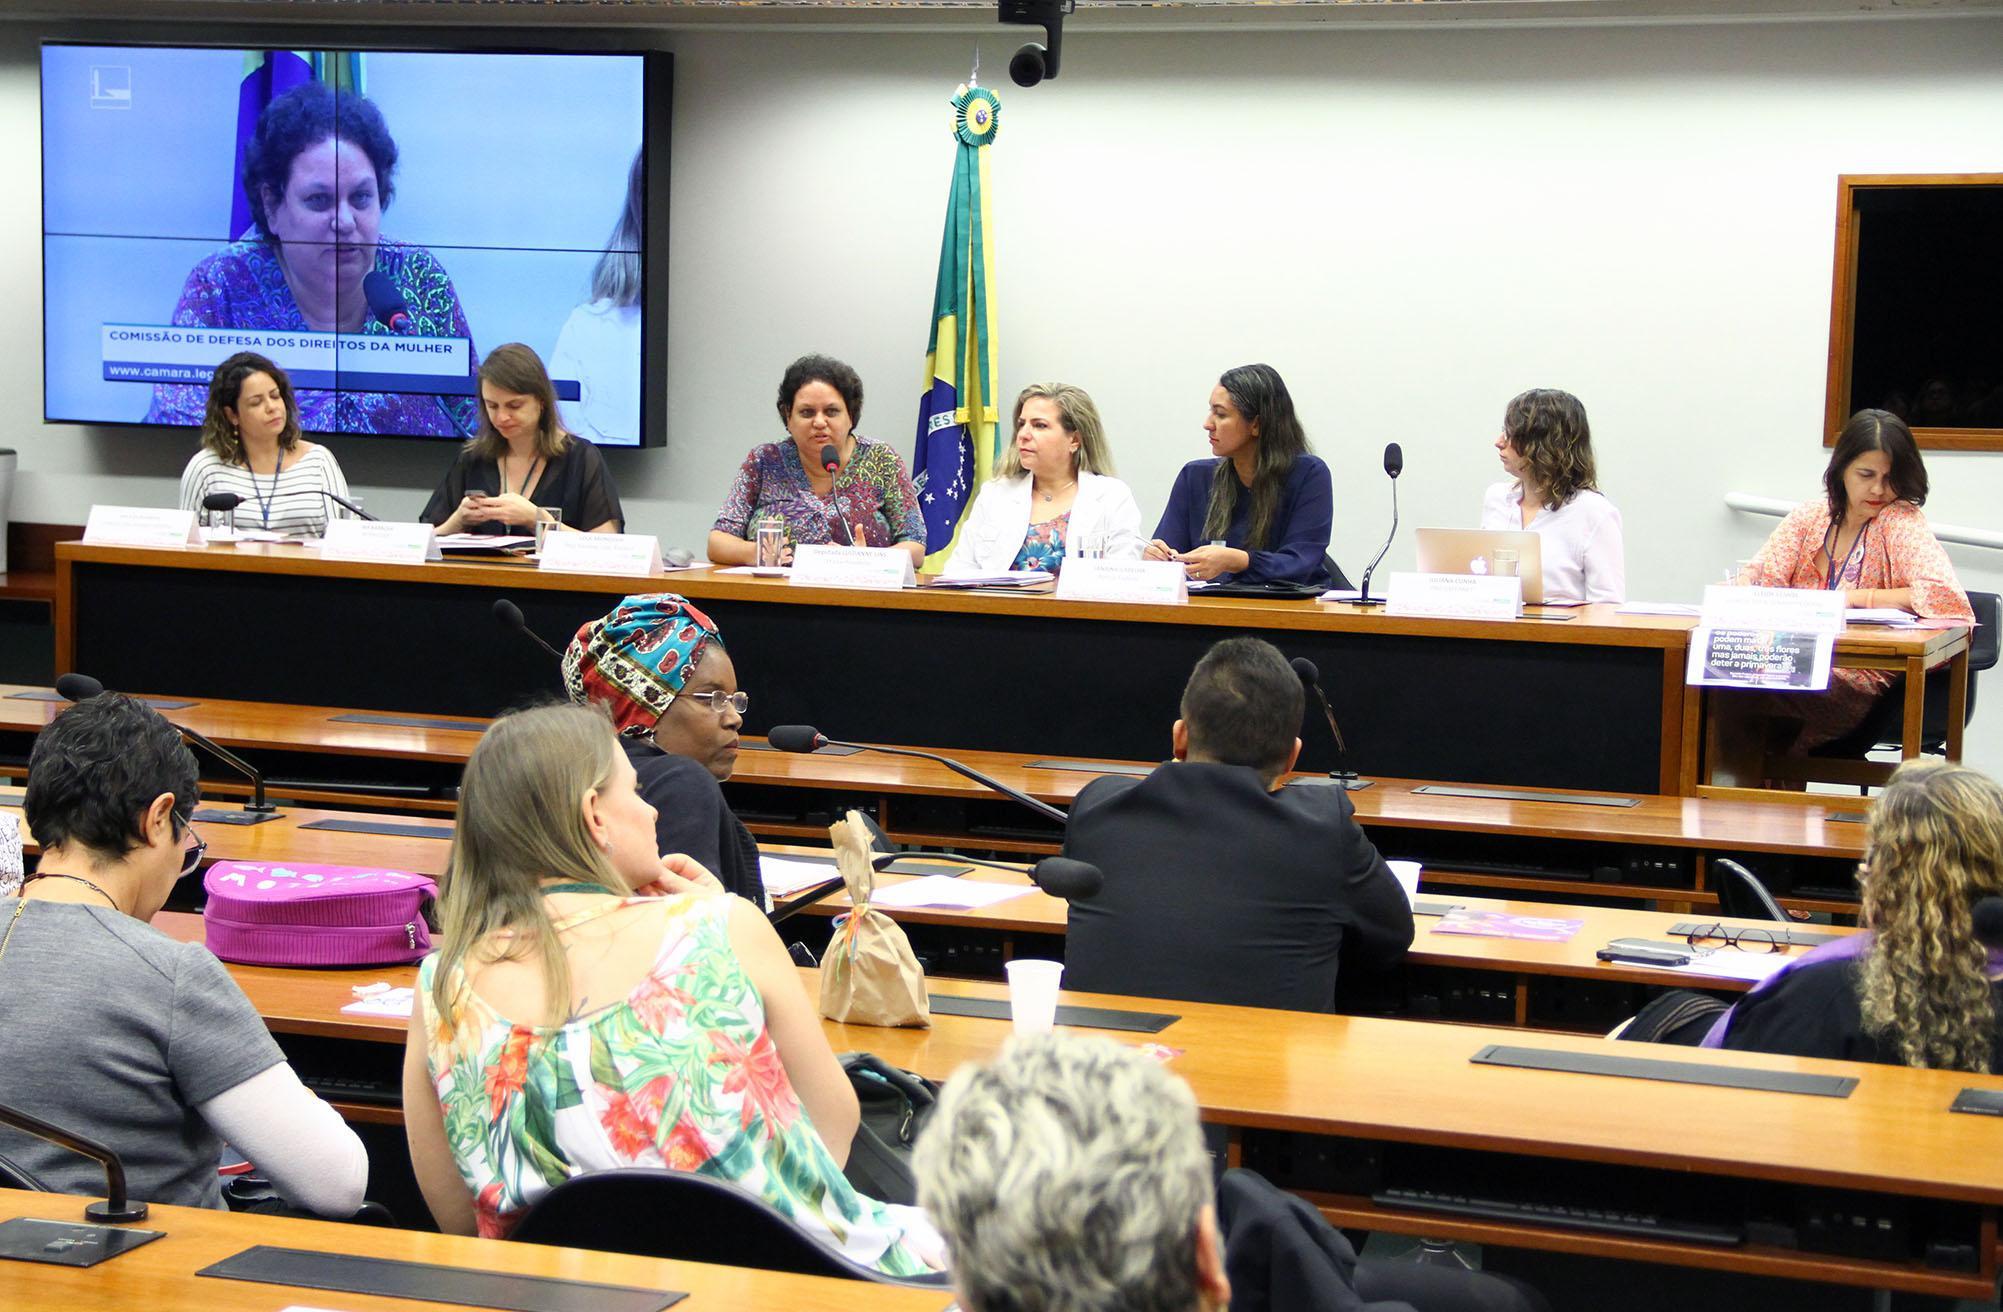 Audiência pública sobre a aplicabilidade da lei nº 13.642/18 - Lei Lola, que atribui à Polícia Federal a investigação de crimes praticados na internet que difundam conteúdo misógino